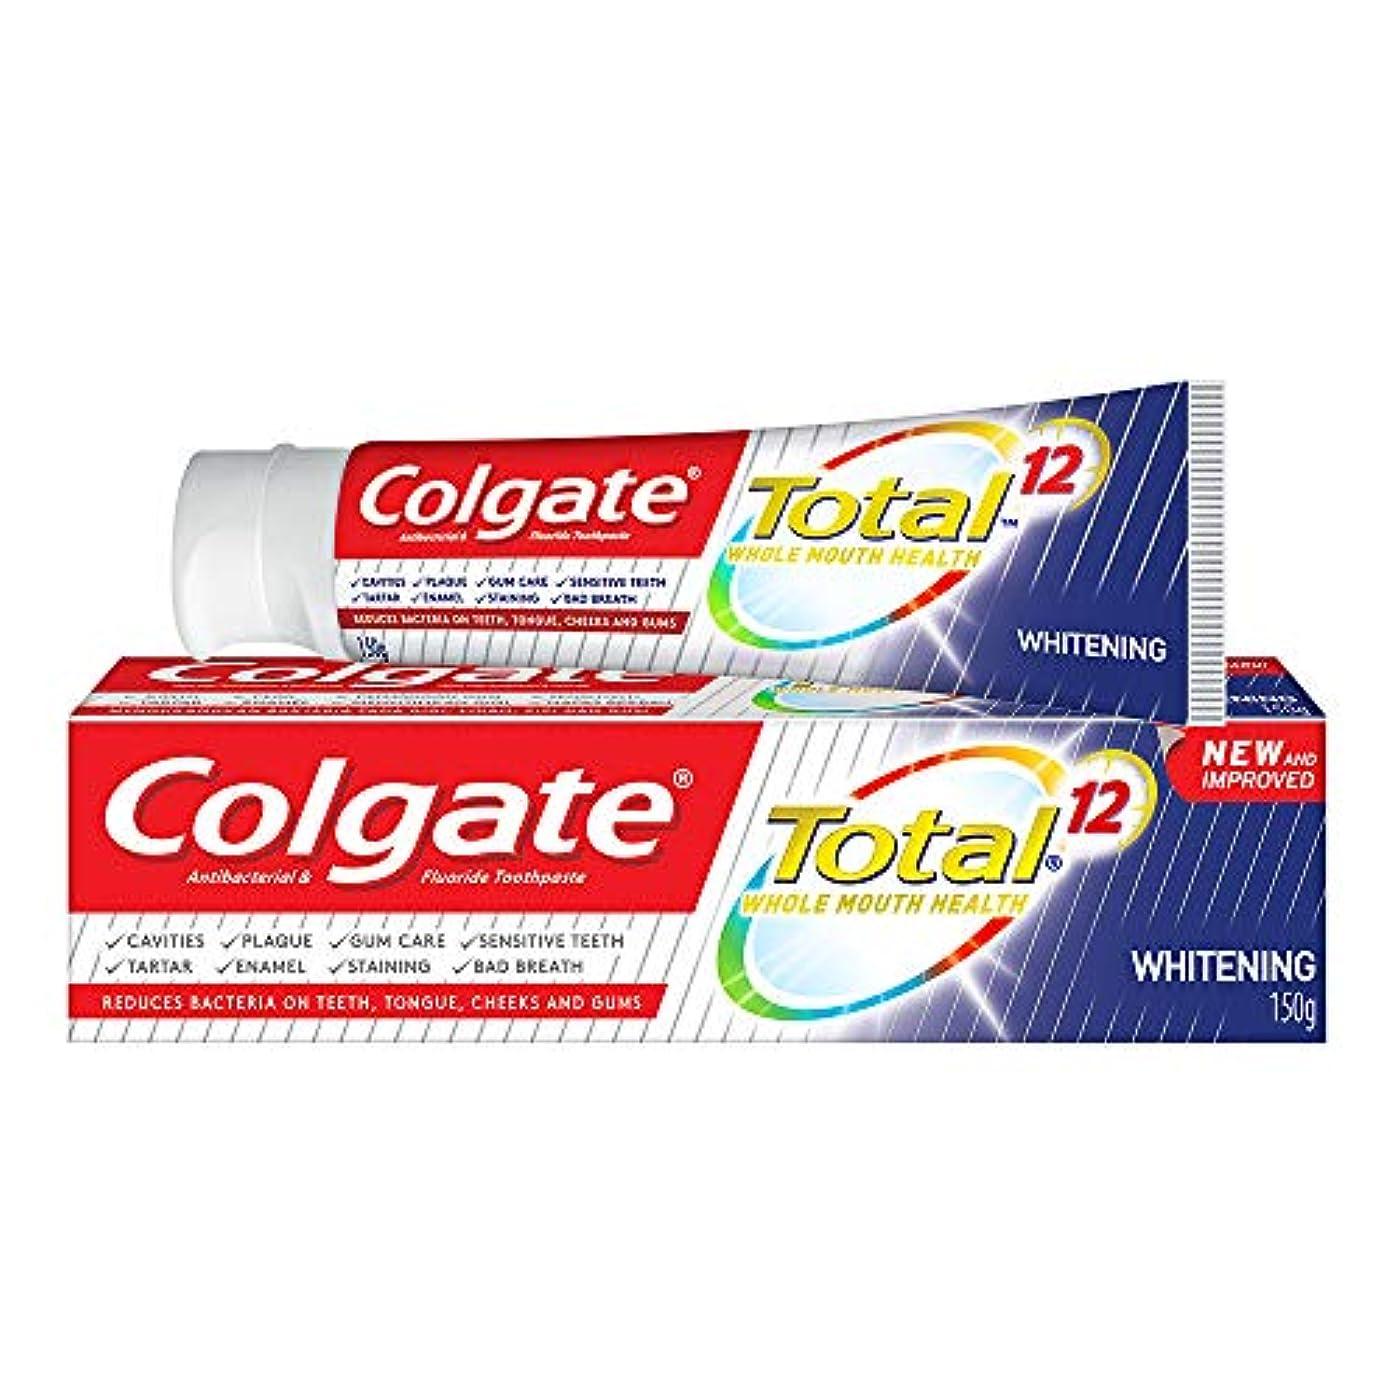 モールサポート処理(コルゲート)Colgate 歯磨き粉 Total (150g, ホールマウスヘルス)